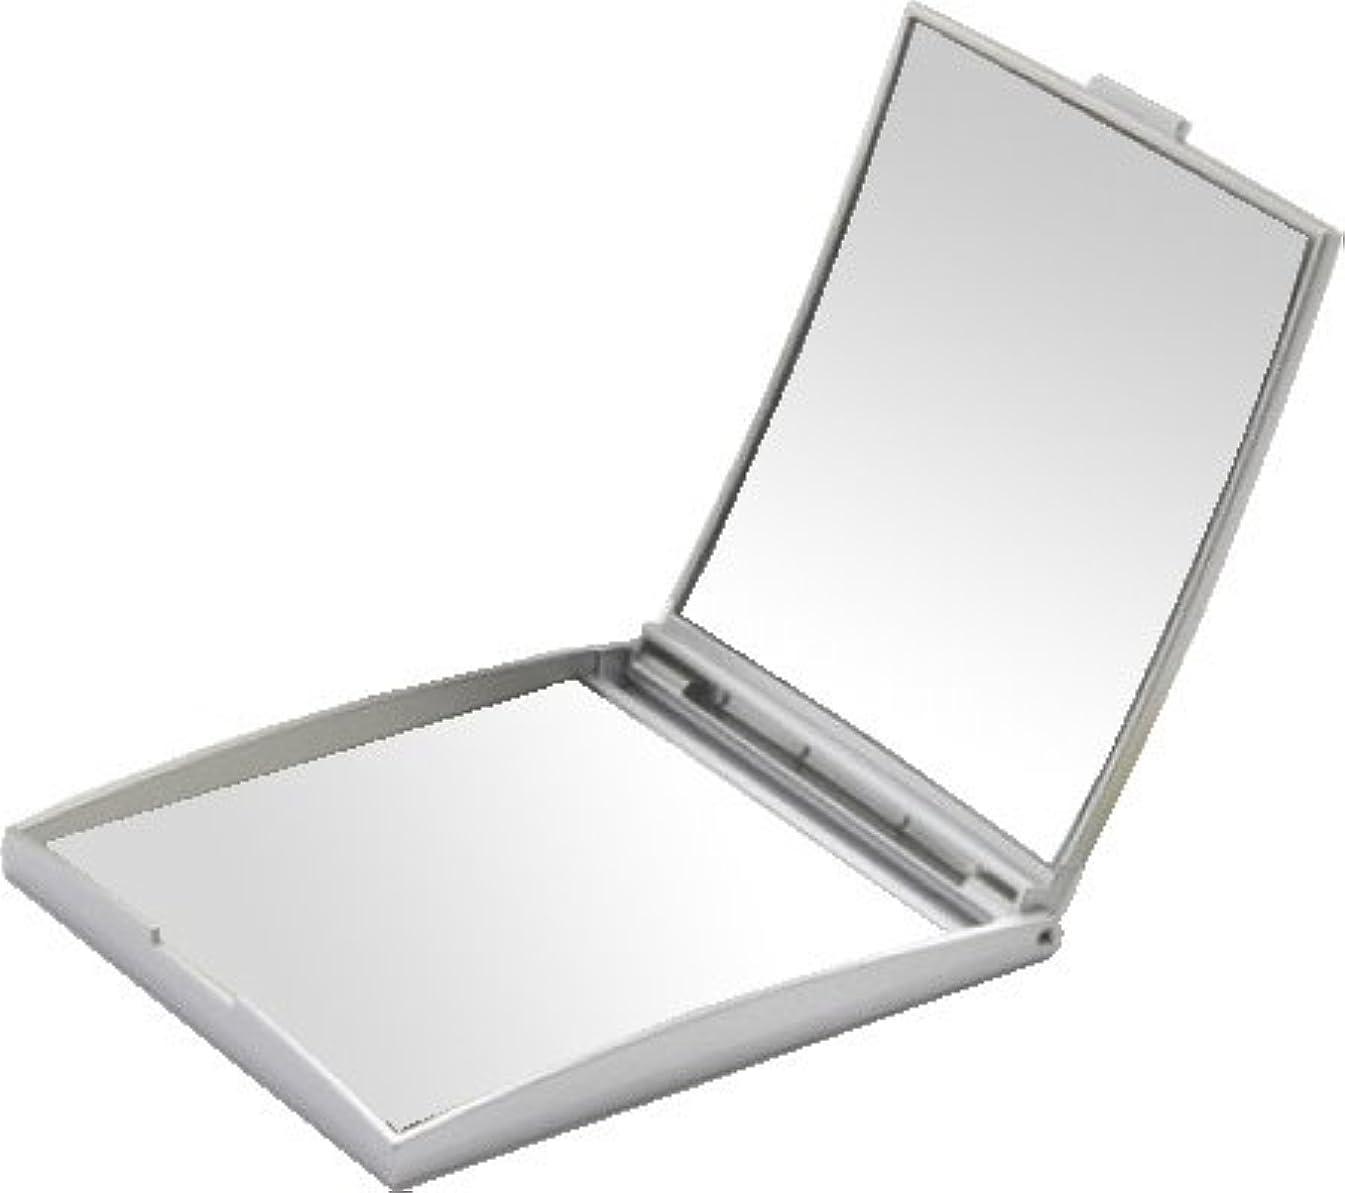 講師作り上げる昼間メリー 片面約5倍拡大鏡付コンパクトミラー Sサイズ シルバー AD-105